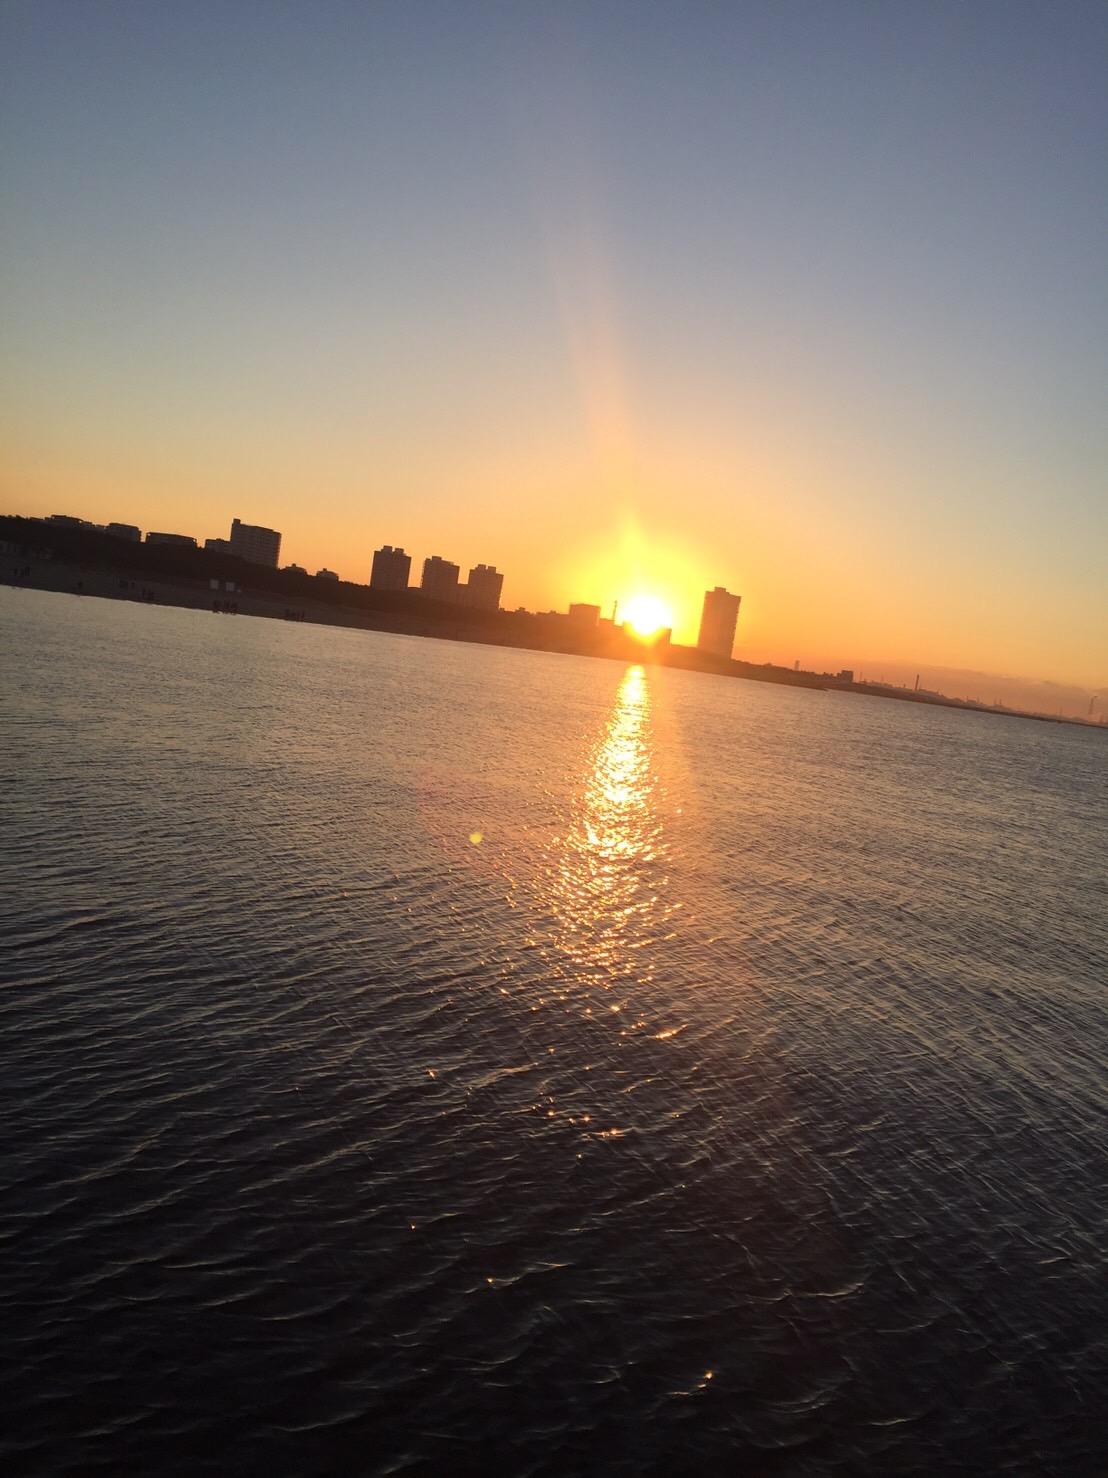 柳川「幕張の浜での初日の出」